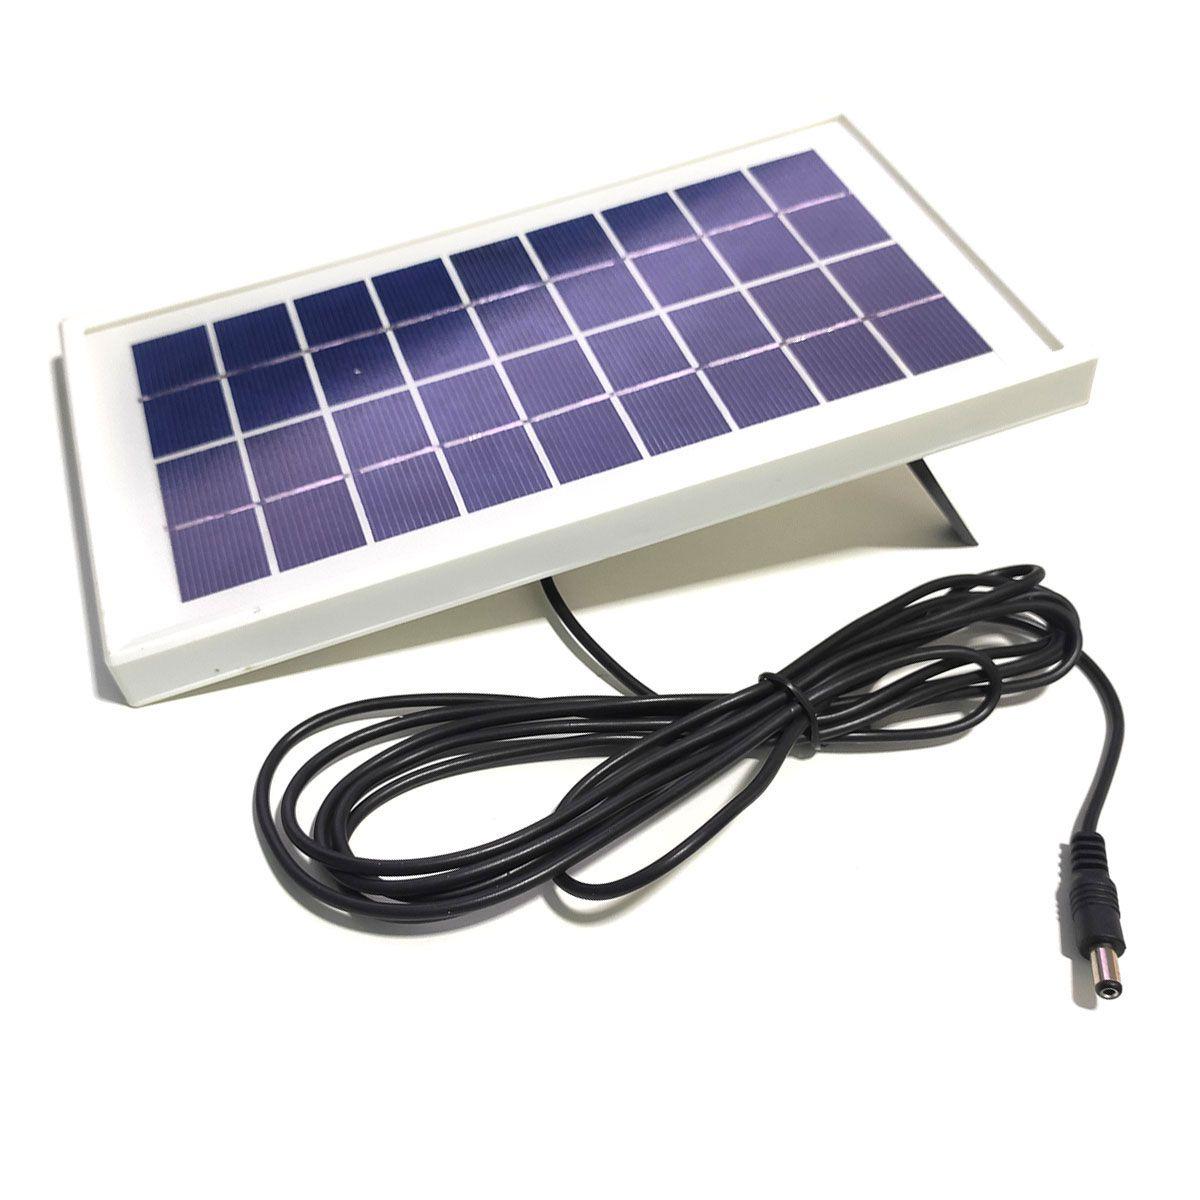 Kit  DIY UPS Carregador Solar com Bateria 18650 de Lítio - Saída 9v